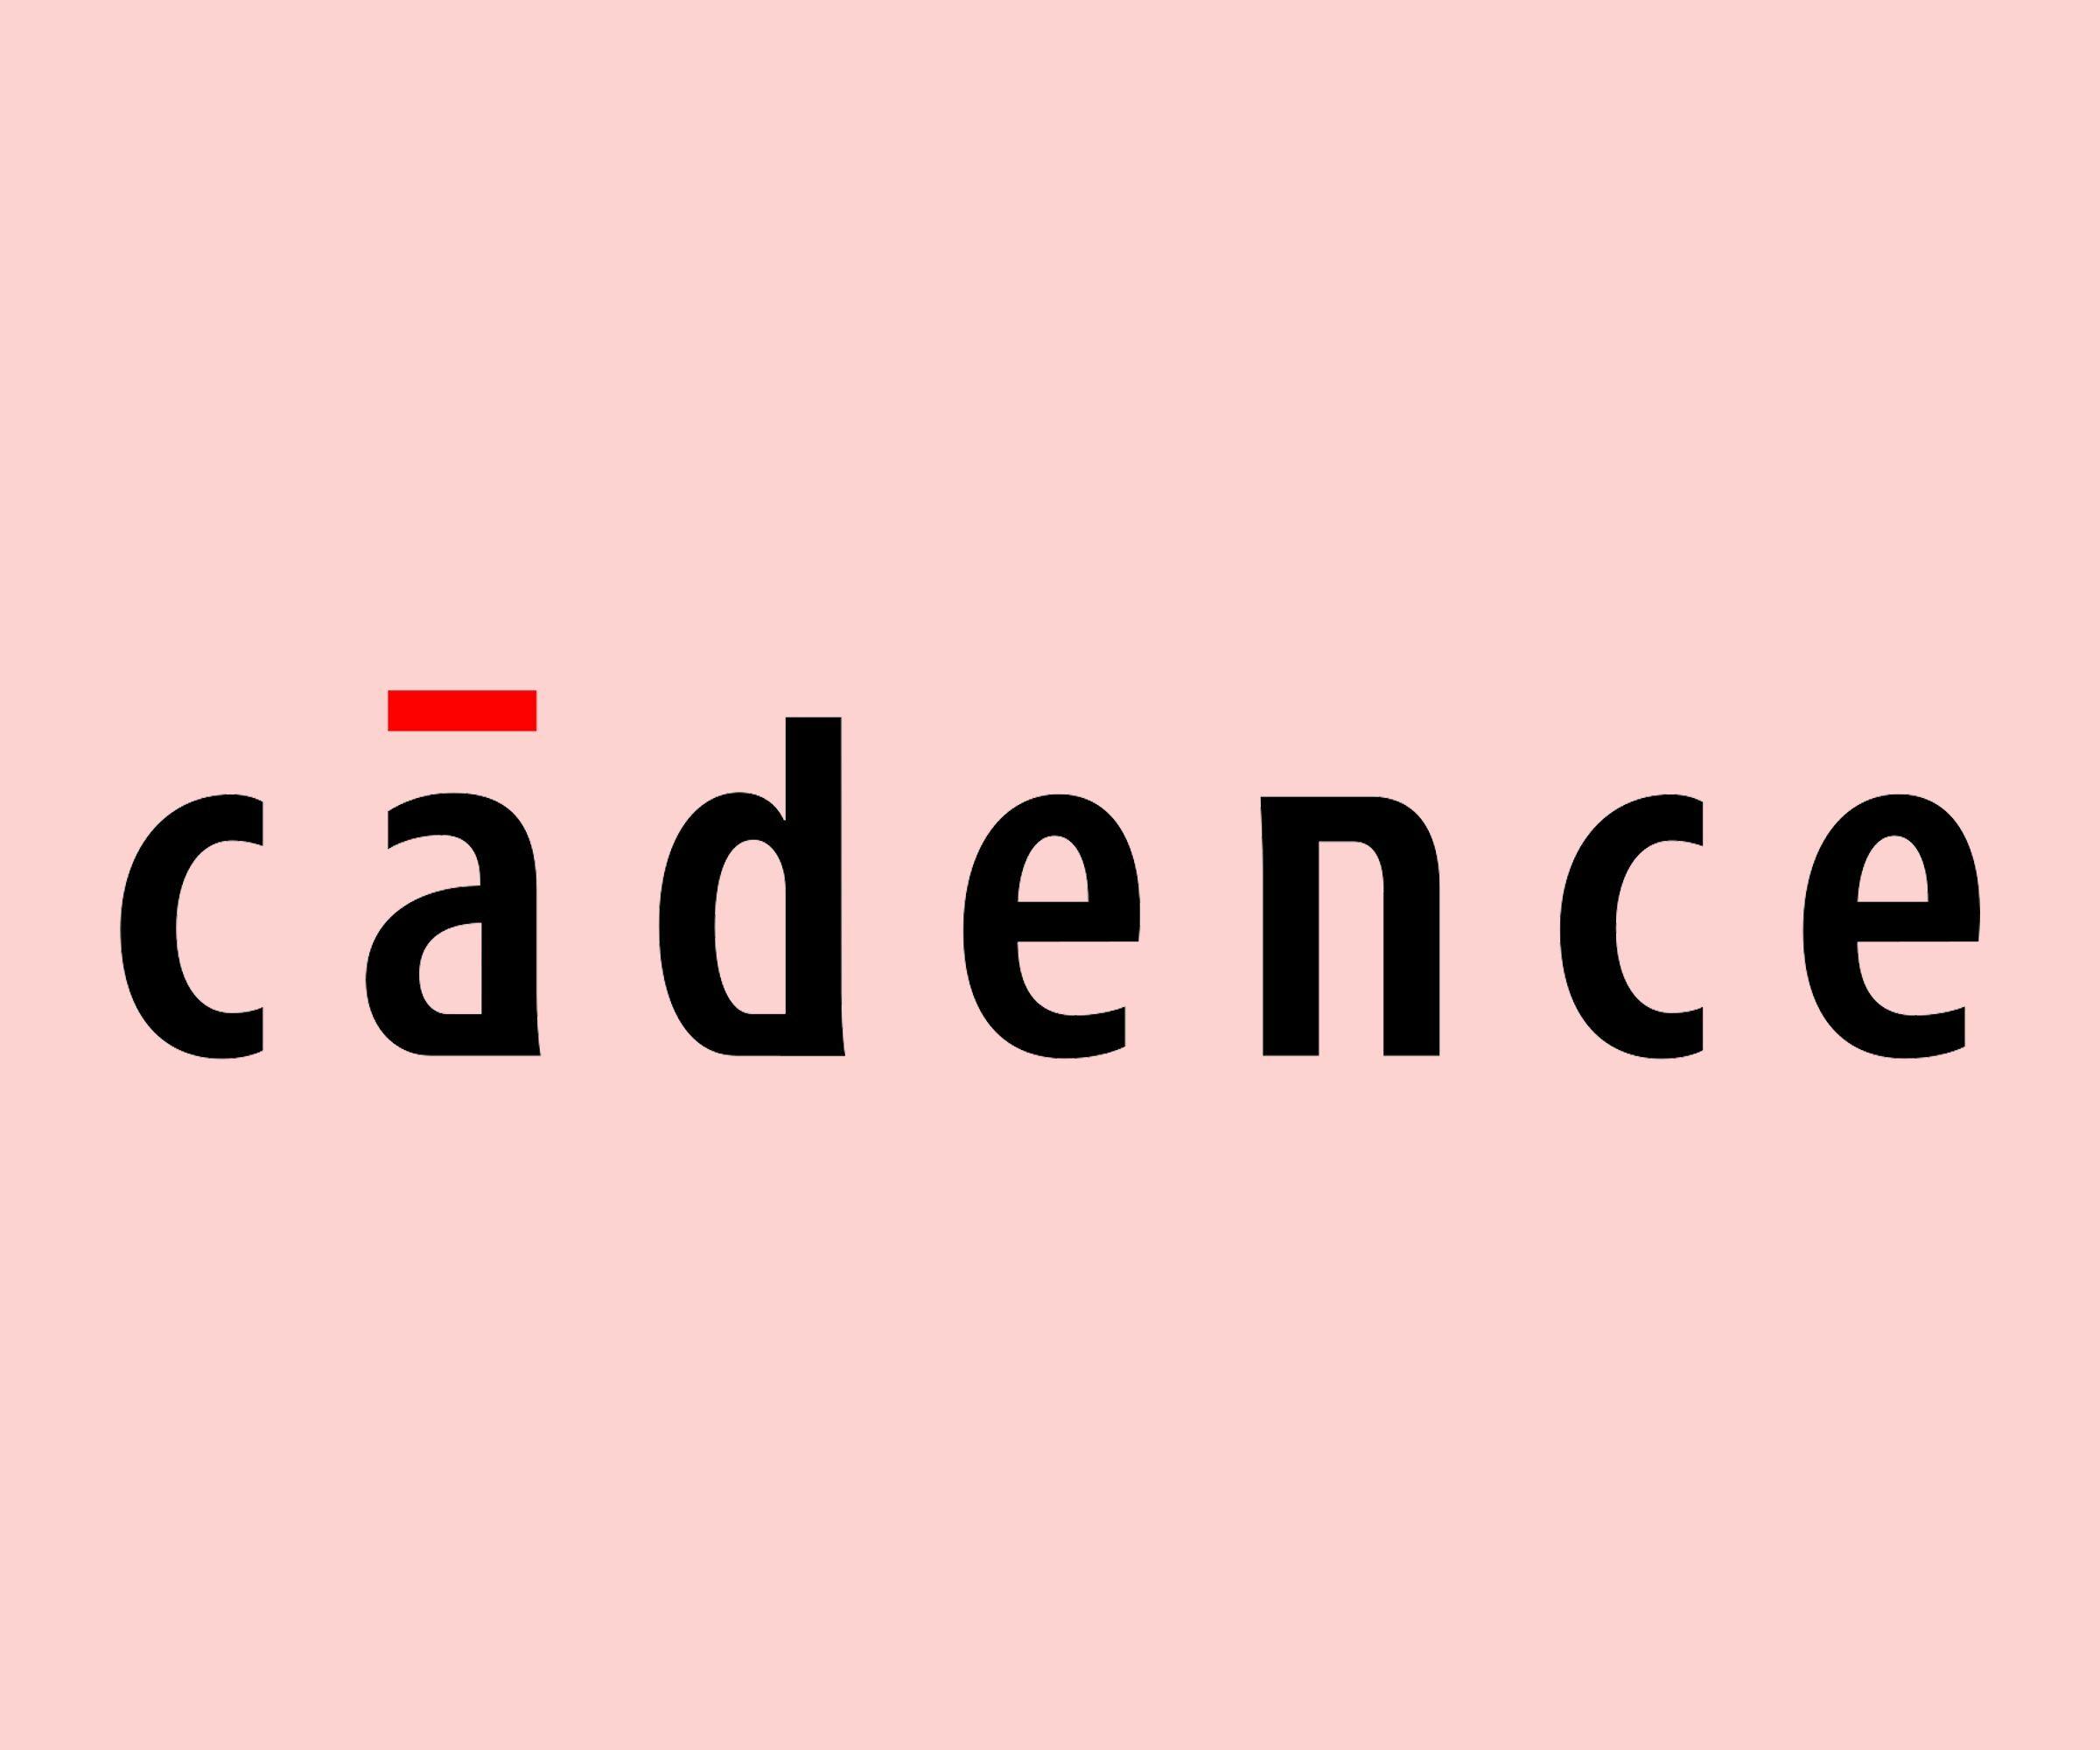 Cadence Design System